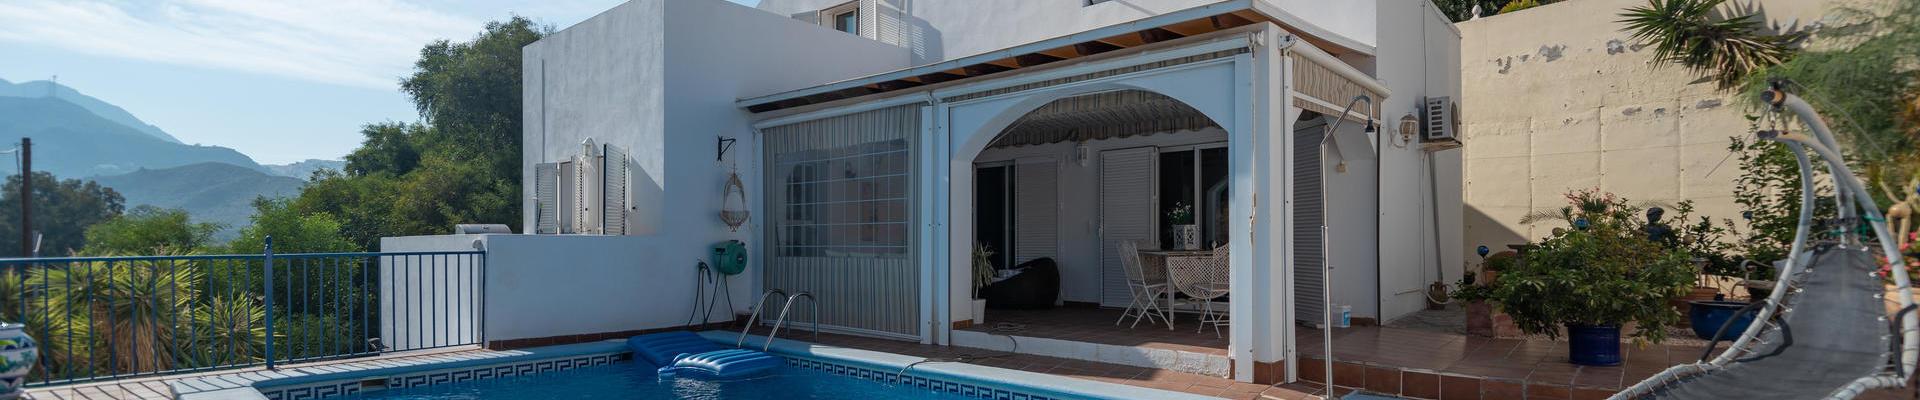 DV1497: 3 Habitación Chalet en venta